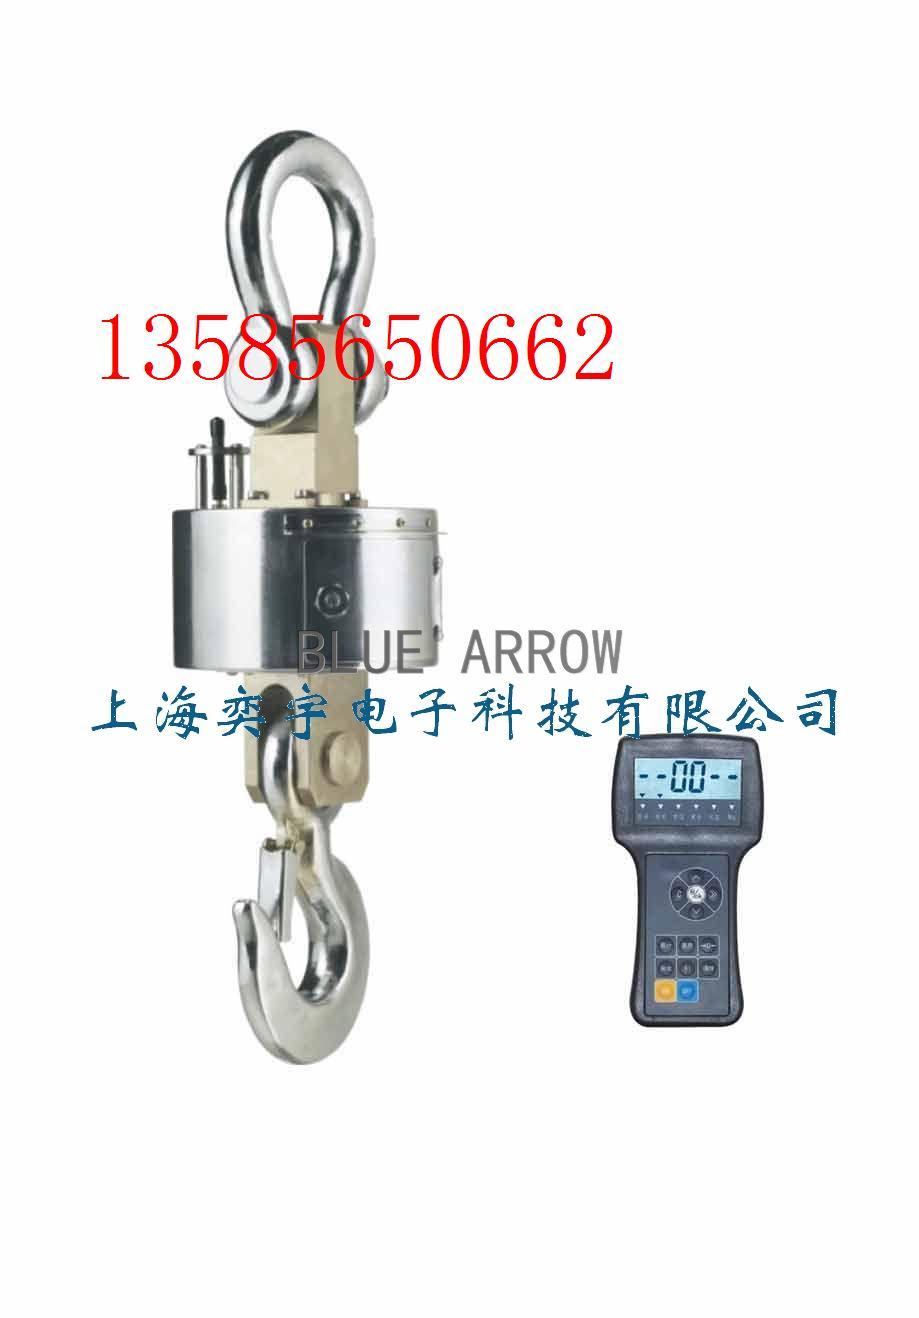 奕宇衡器,30T移动式电子吊钩秤,20T无线式电子称,超高品质